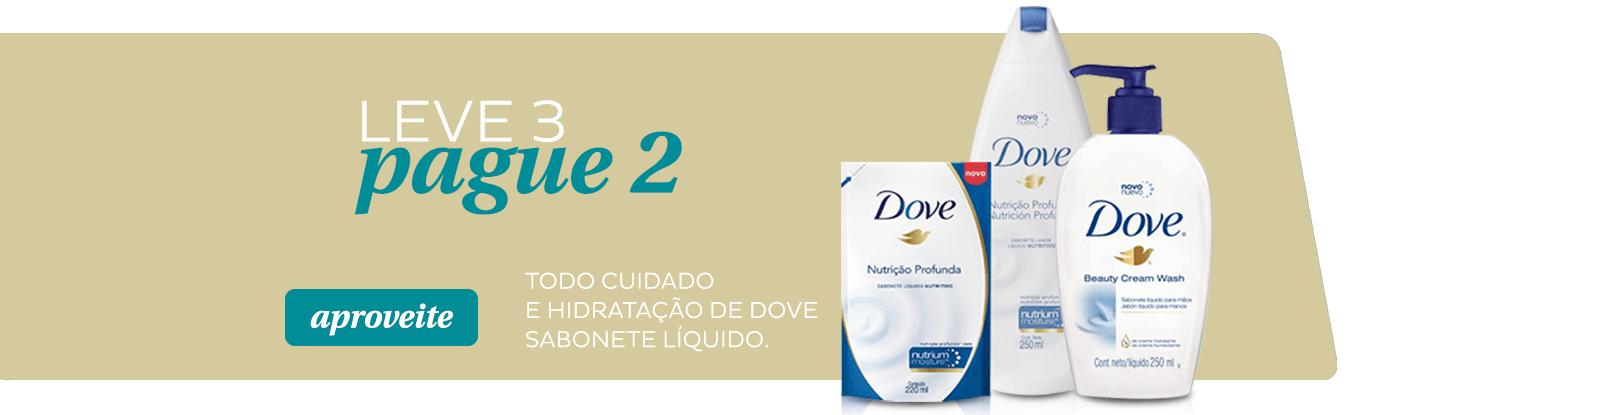 L3P2 Sab Liquido Dove